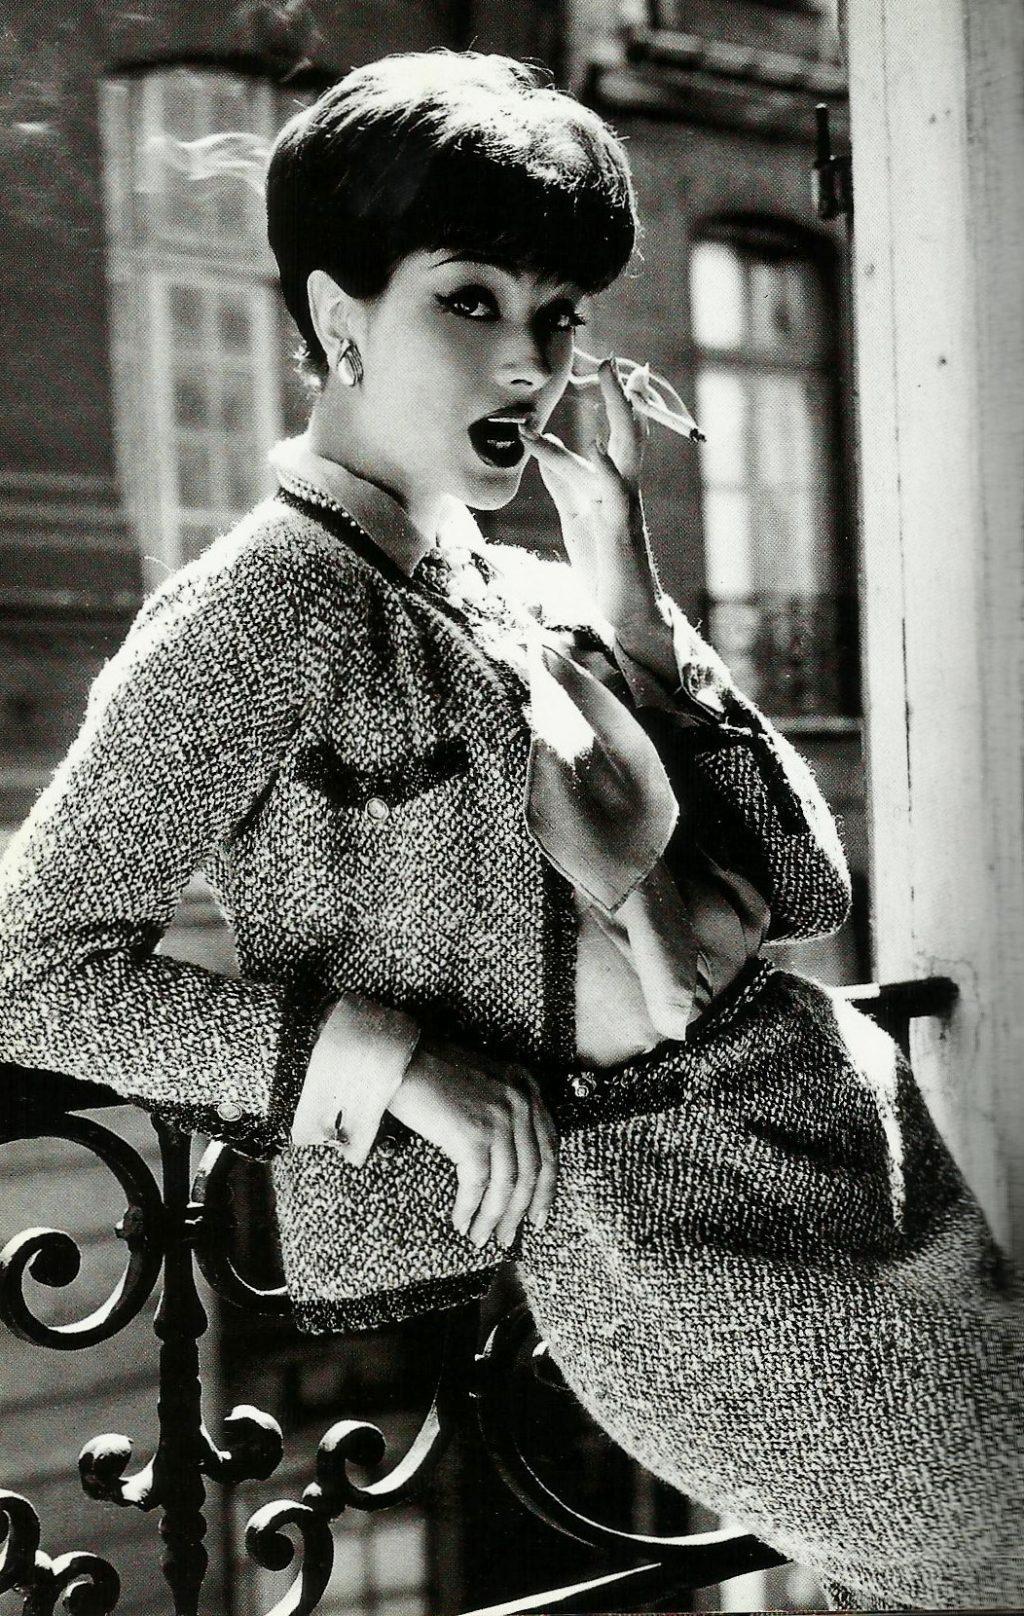 Vải tweed, chất liệu kinh điển trong mùa Thu-Đông: Coco Chanel